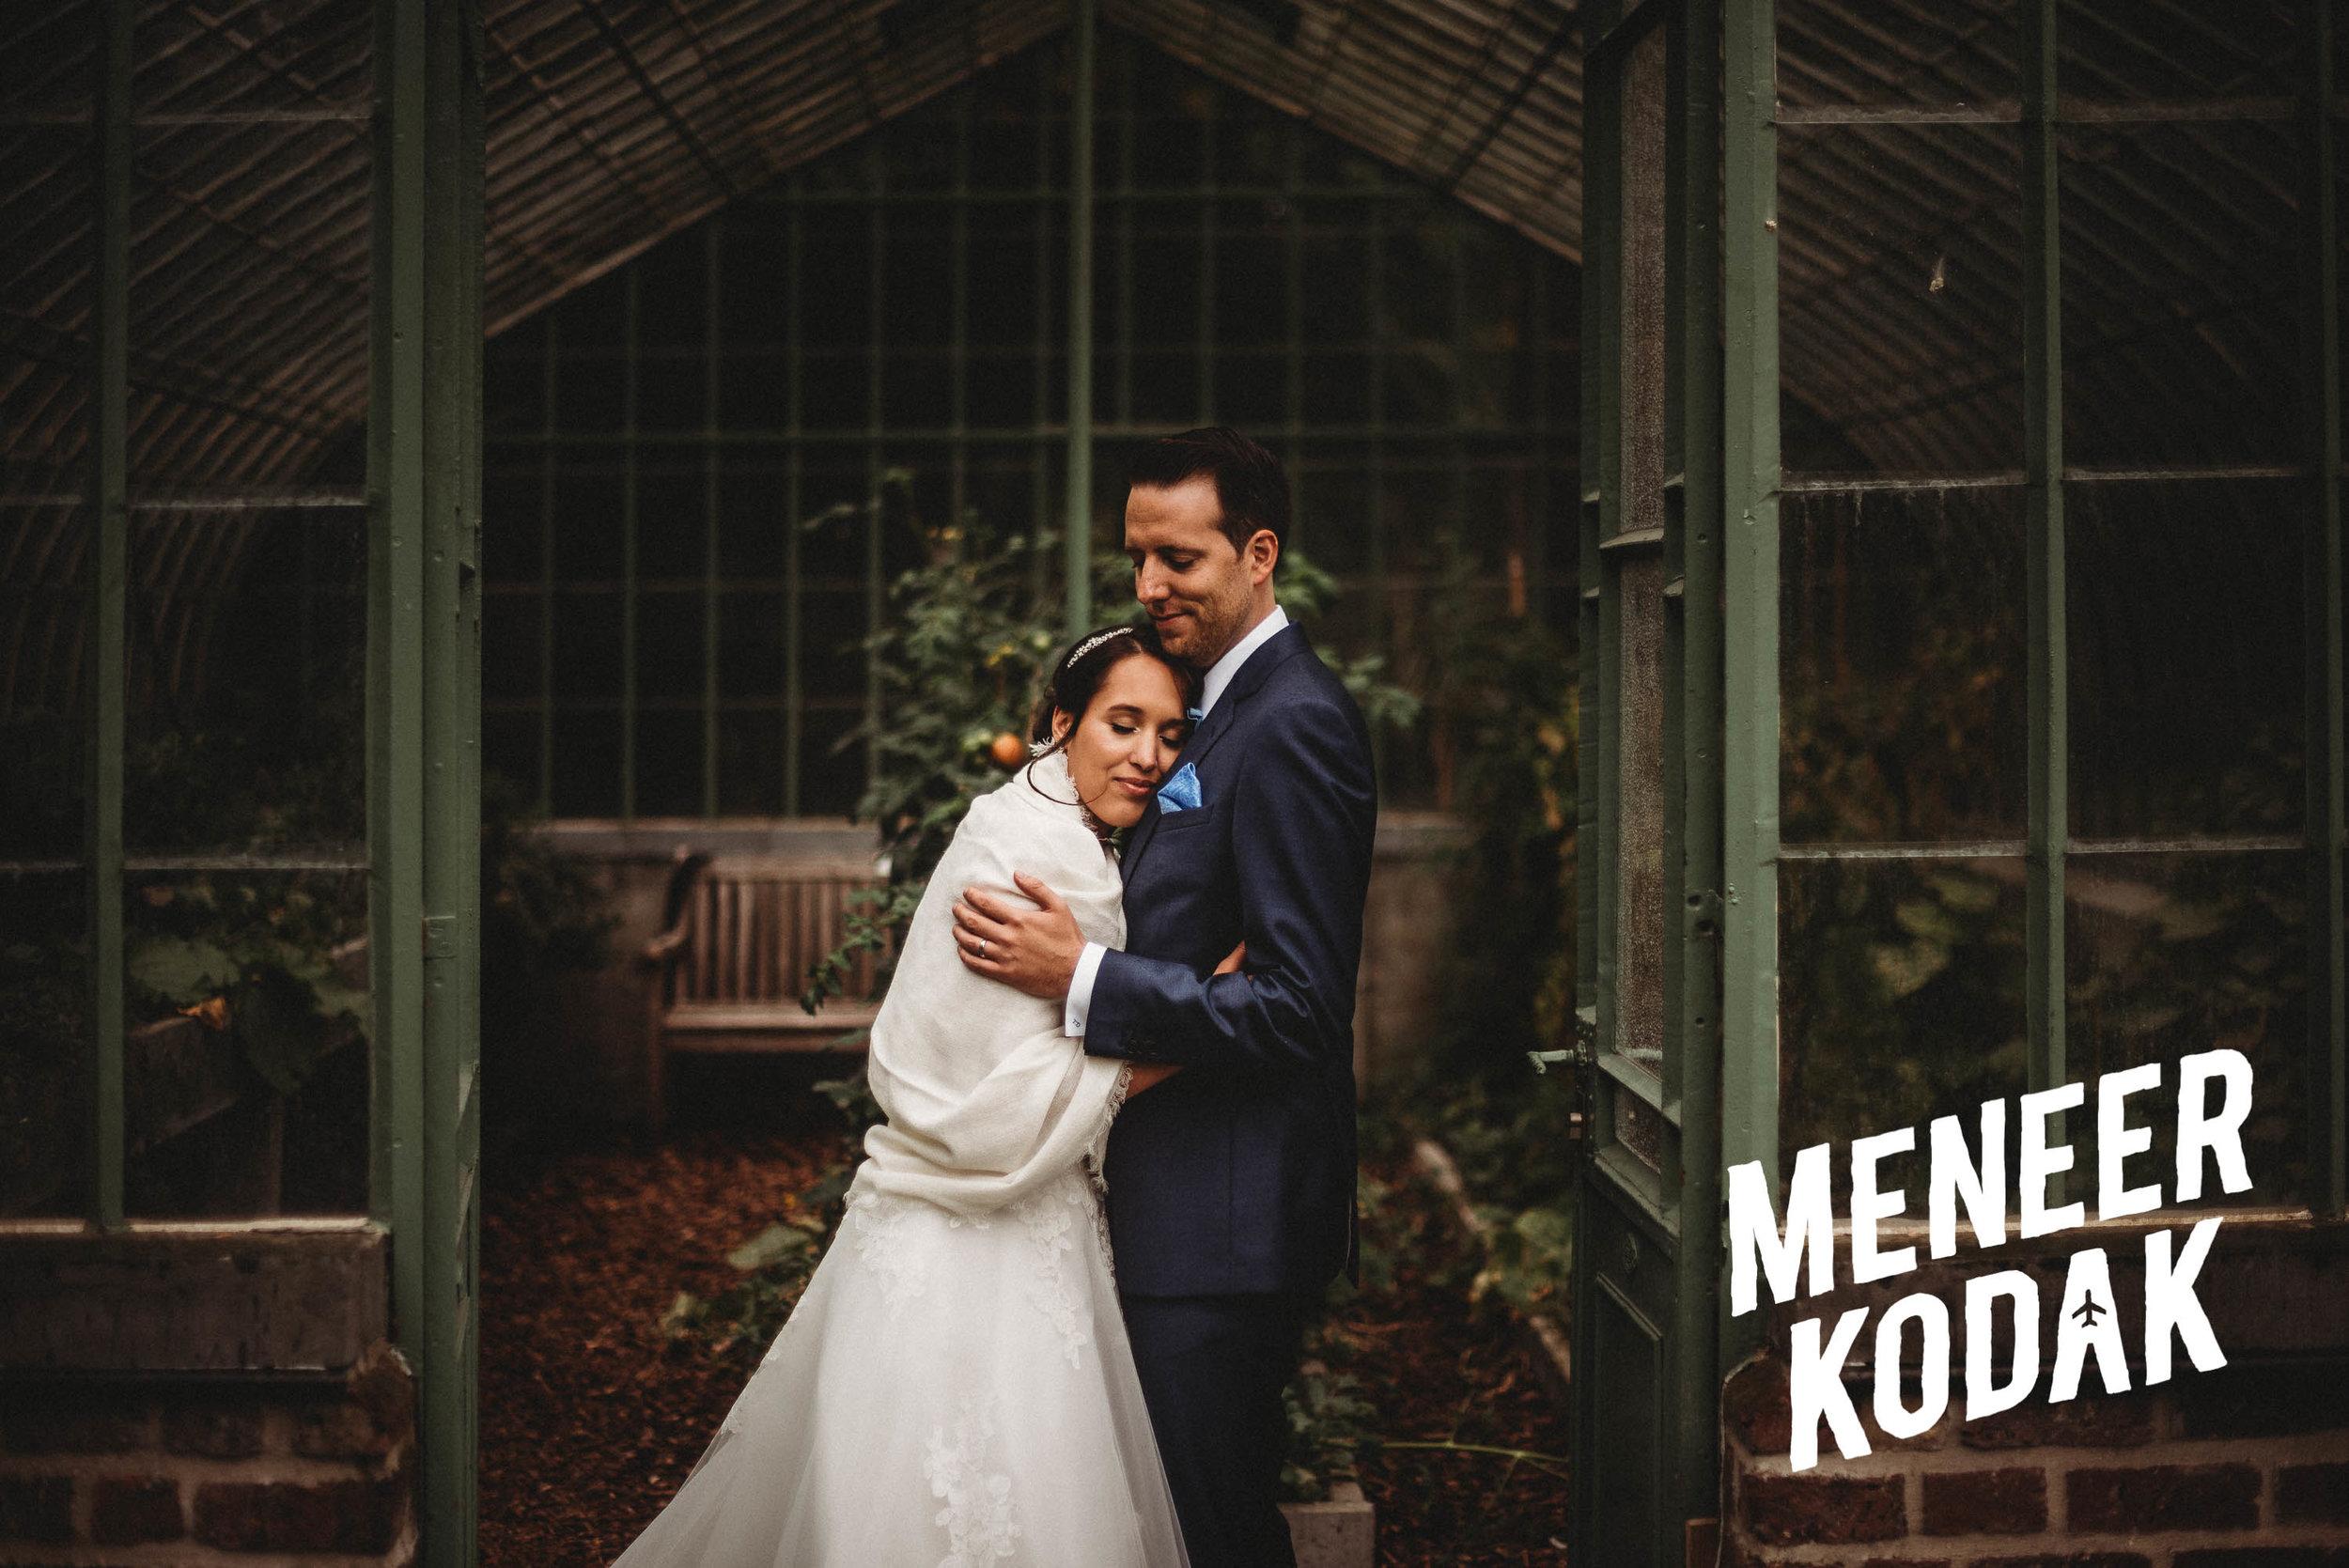 Meneer Kodak - Trouwfotograaf - Gent - D&T-054.jpg